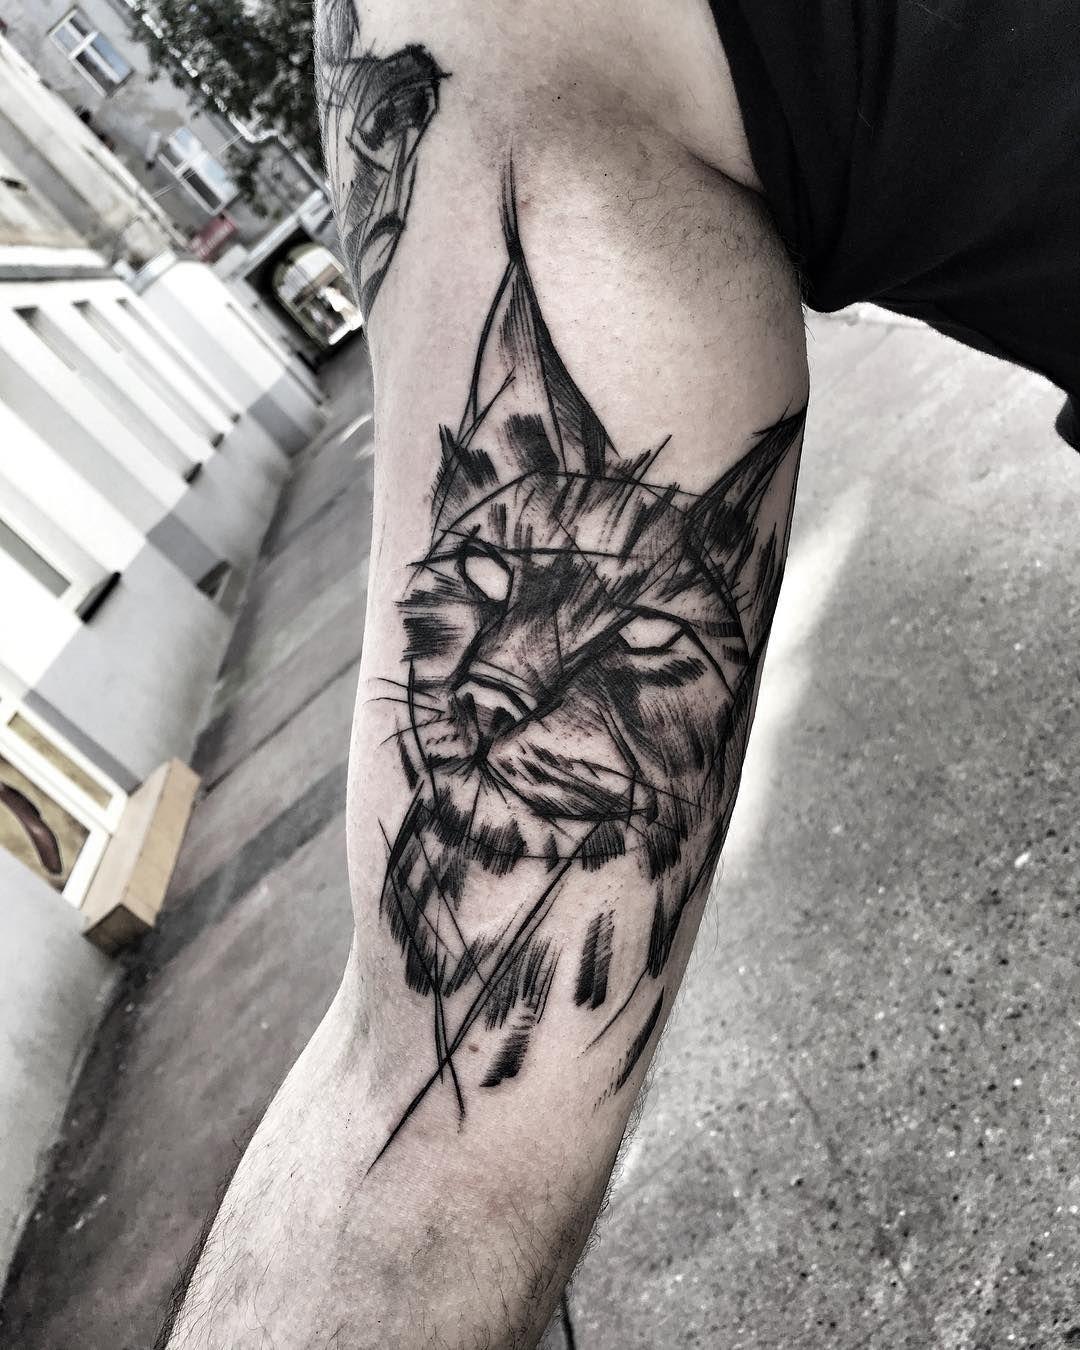 3 535 Likes 13 Comments Inez Janiak Ineepine On Instagram Wowtattoo Blacktattoomag Blacktattooart Inks Tattoo Sketches Tattoos Sketch Tattoo Design